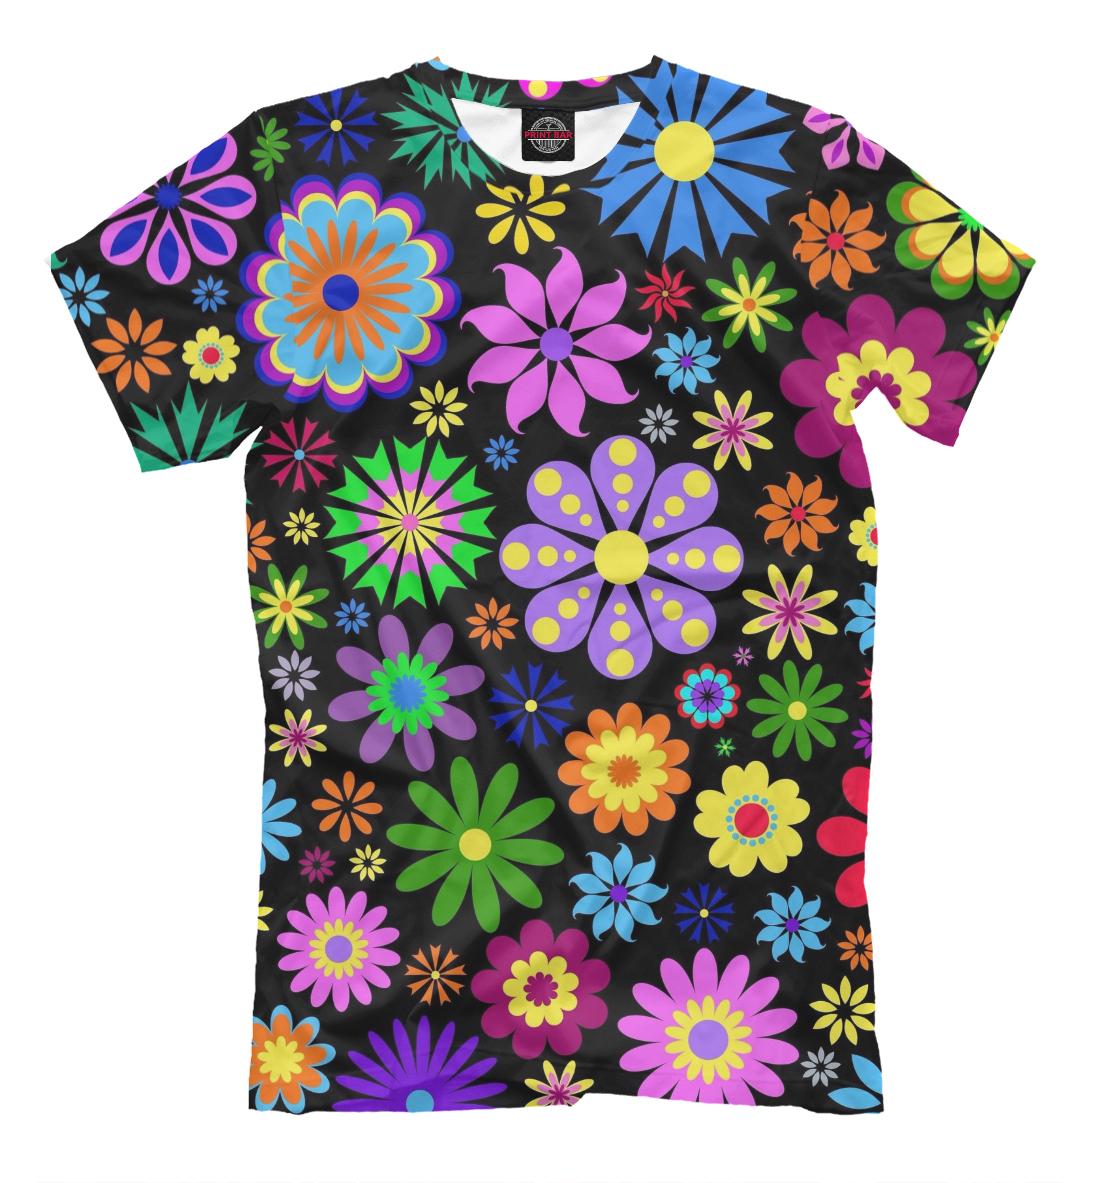 Купить Цветочки на чёрном фоне, Printbar, Футболки, CVE-148701-fut-2